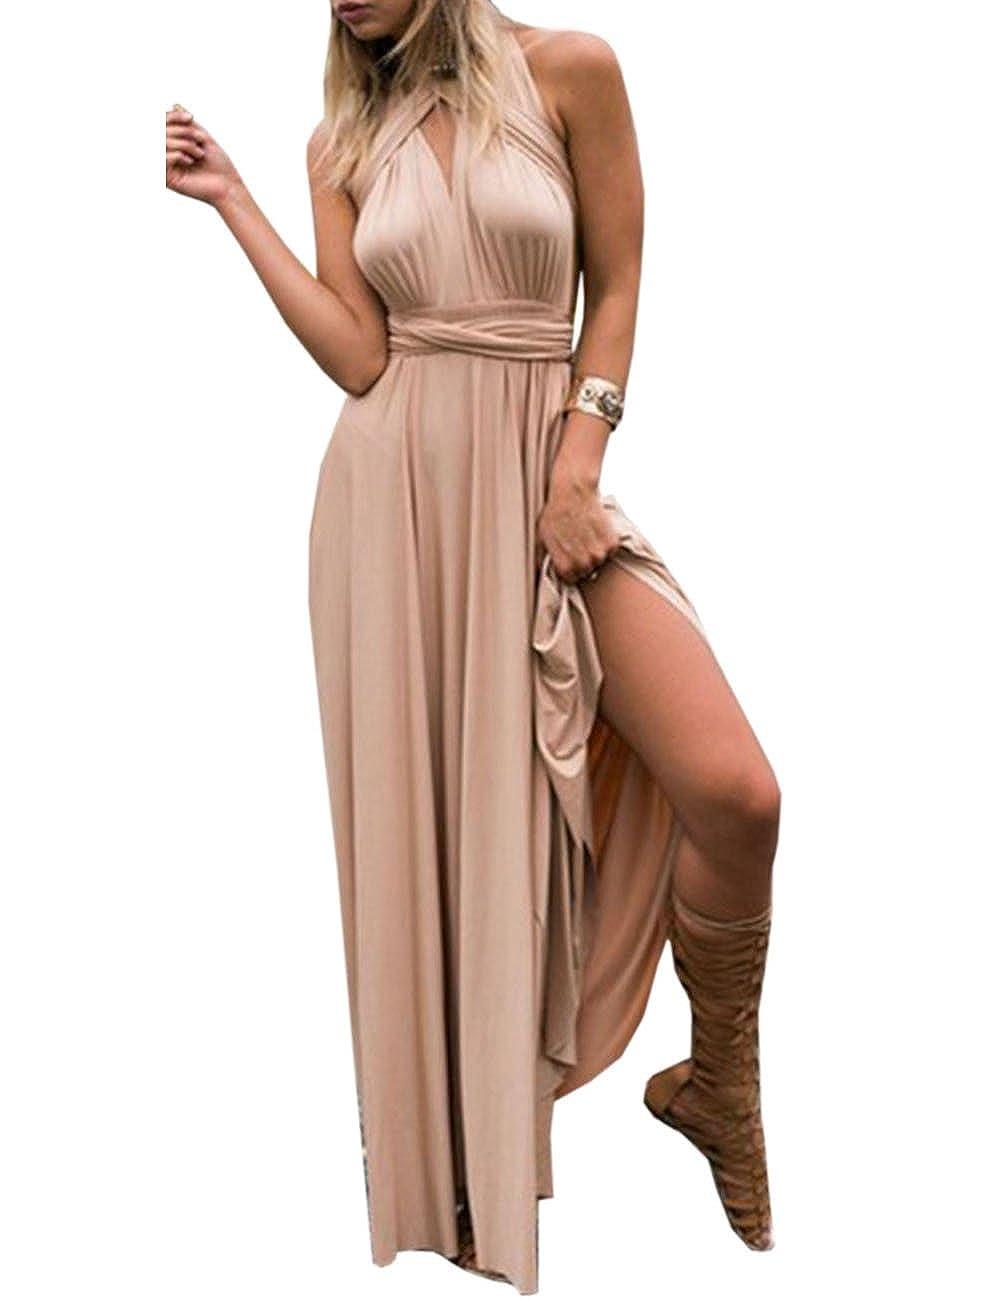 TALLA S. EMMA Mujeres Falda Larga de Cóctel Vestido de Noche Dama de Honor Elegante sin Respaldo Champán S